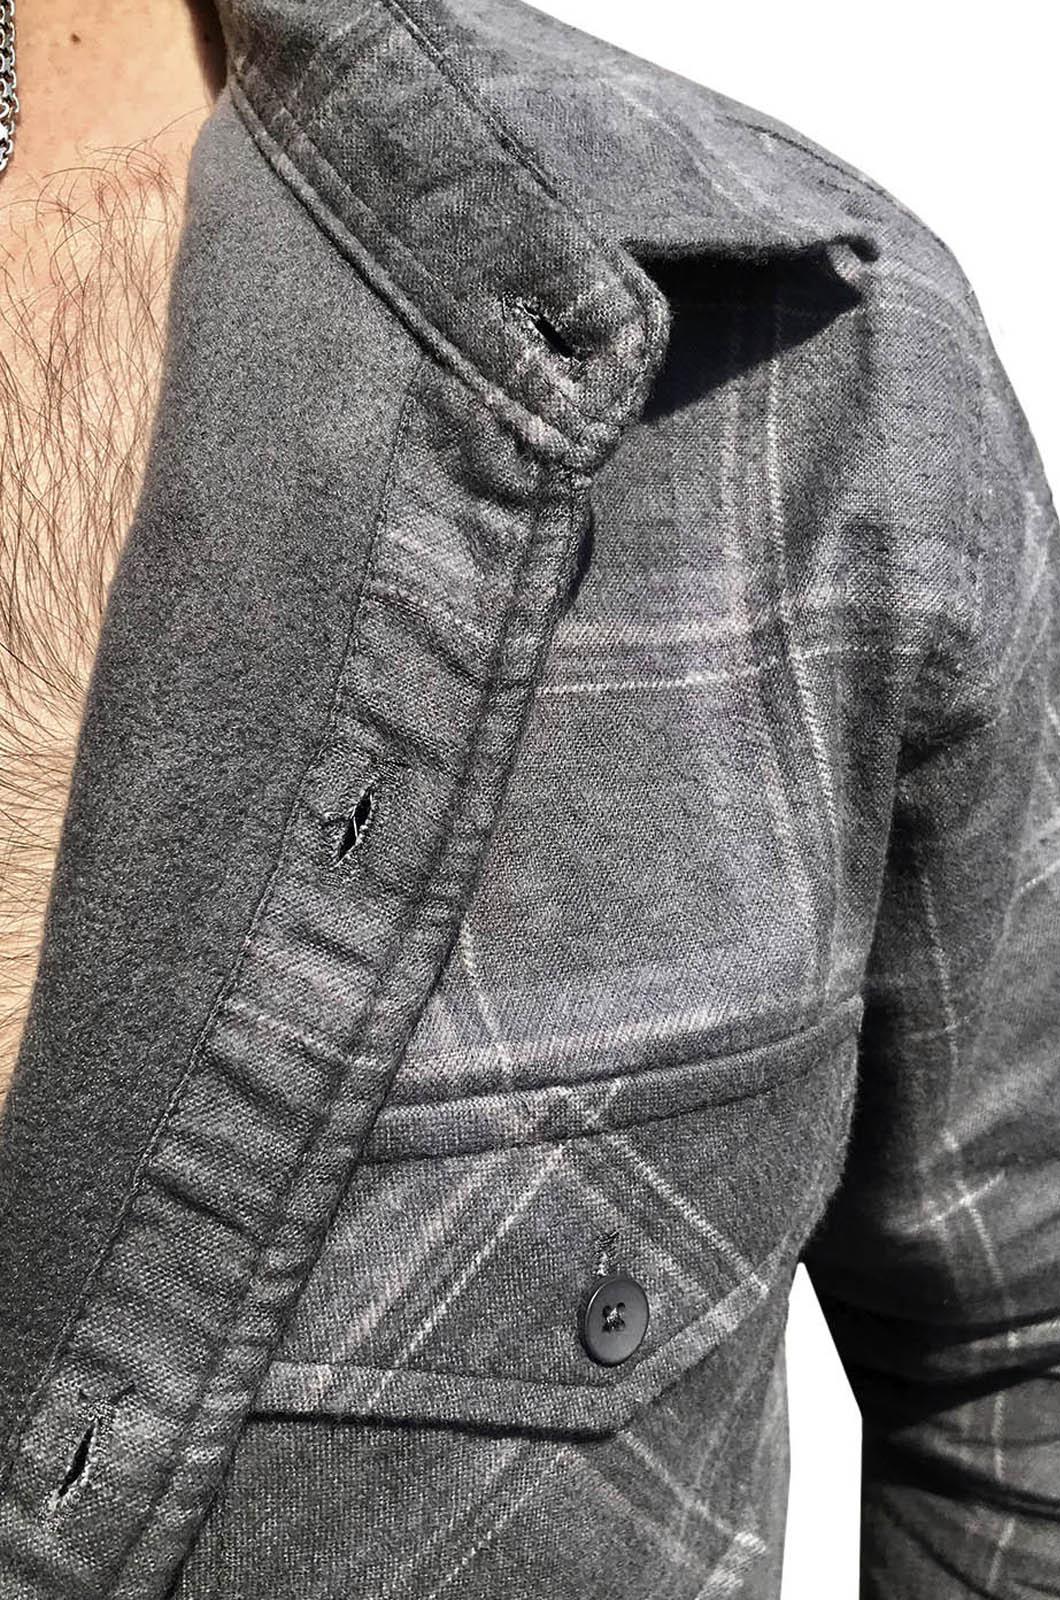 Клетчатая рубашка с шевроном 16 ОБрСпН купить оптом